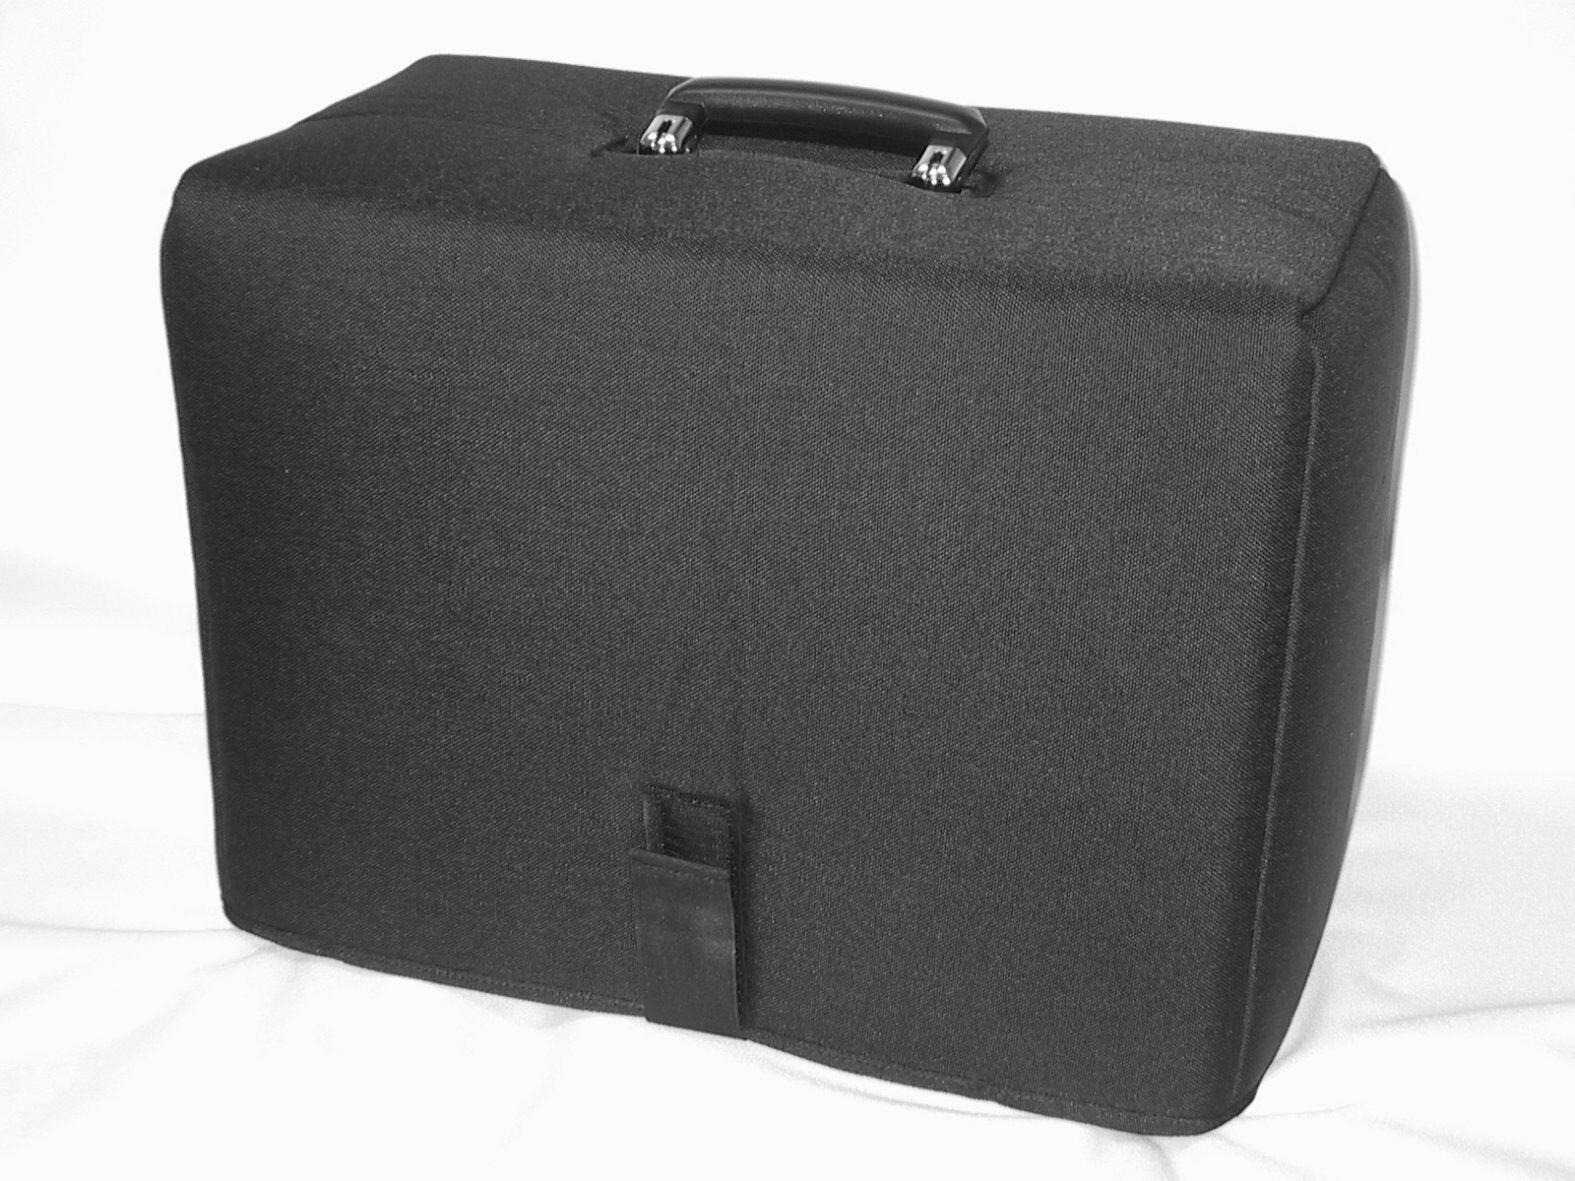 Funda Acolchada Tuki Amp Para Para Para Amplificador Combo De Guitarra Fender Excelsior 1x15 (254p) su suerte 2dd751